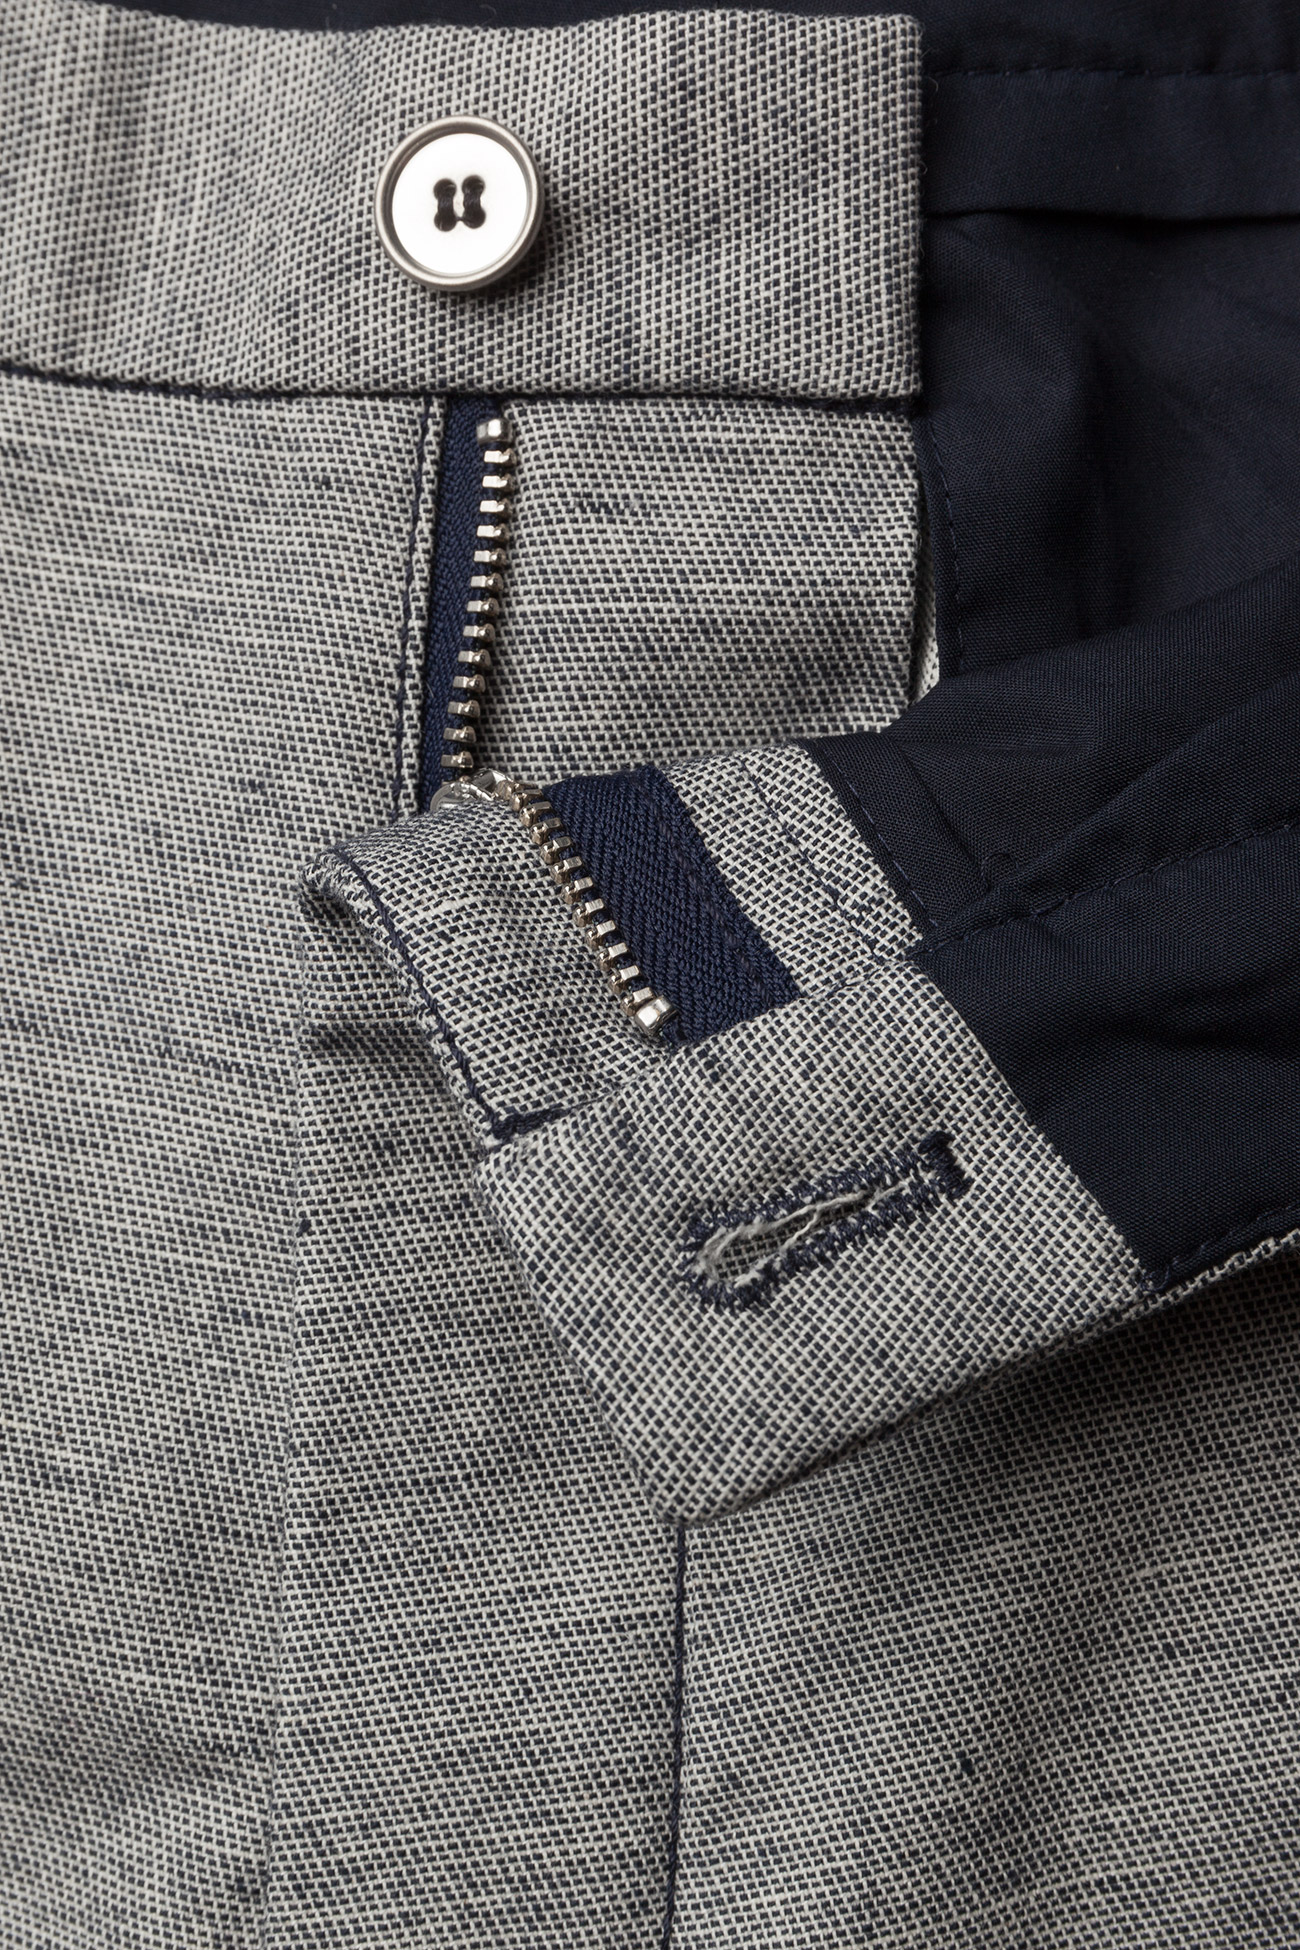 Hope Law Trouser - Spodnie DK BLUE MEL - Kobiety Odzież.